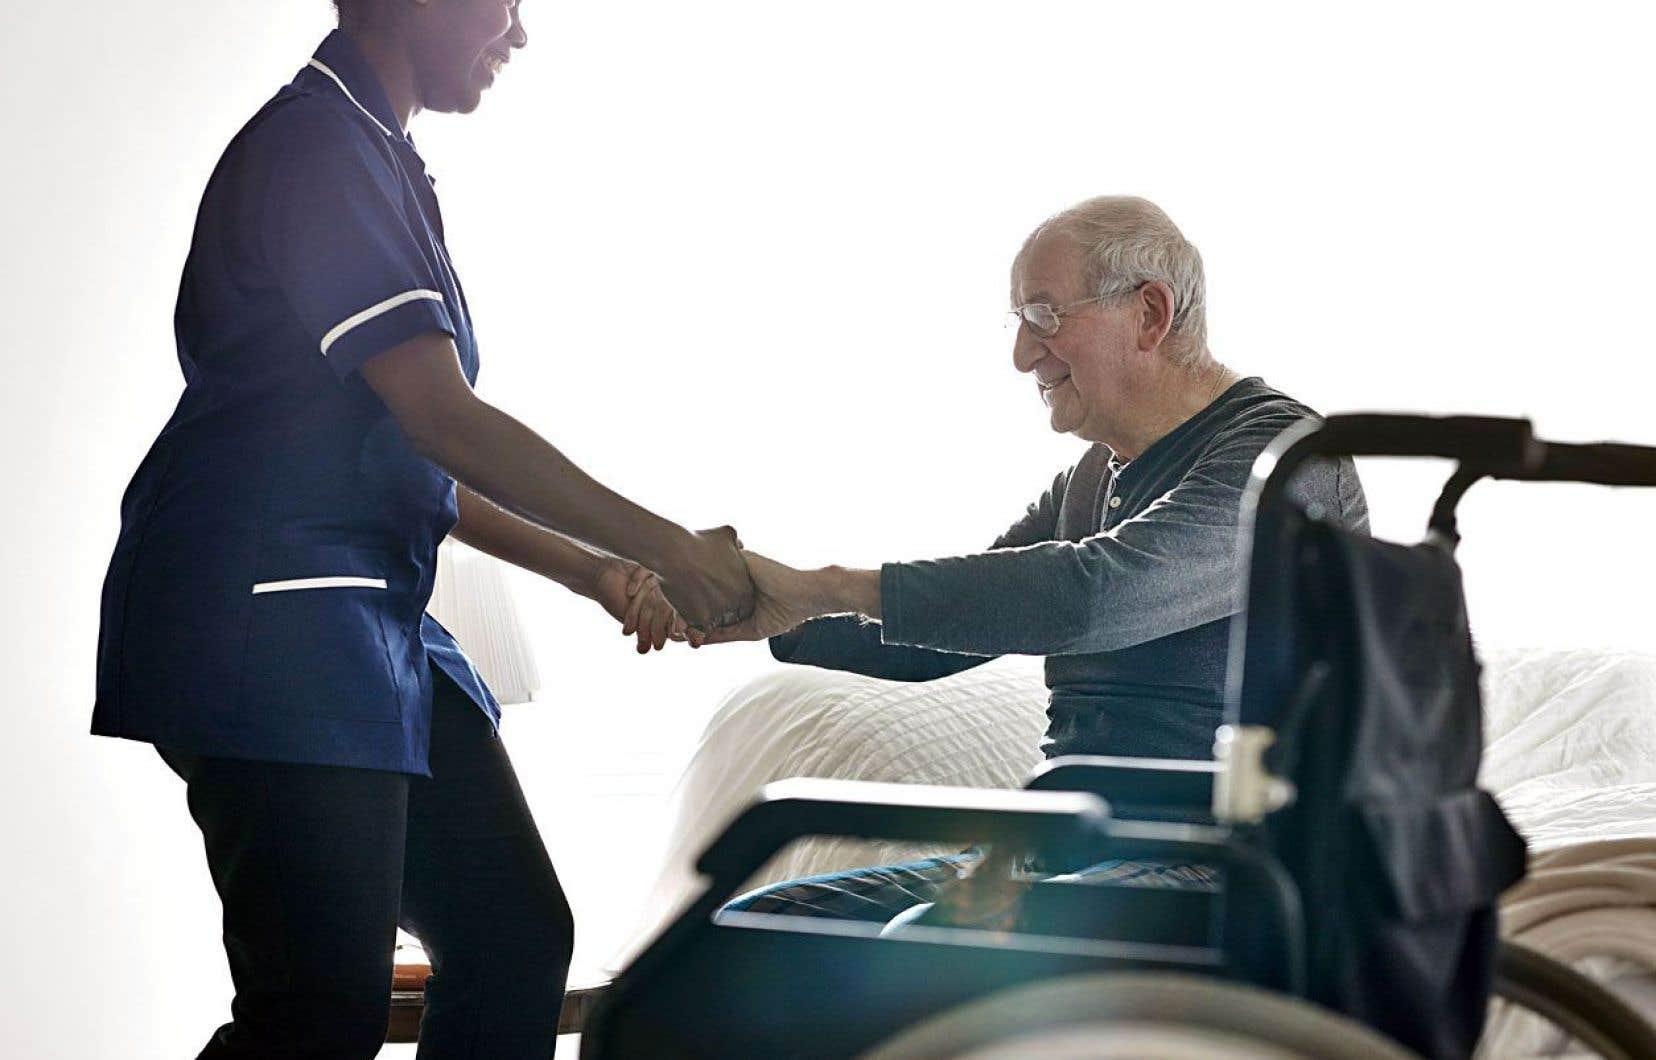 Les nouvelles réformes ont énormément d'impact sur le personnel et sur son niveau de détresse, indique Carolle Dubé.